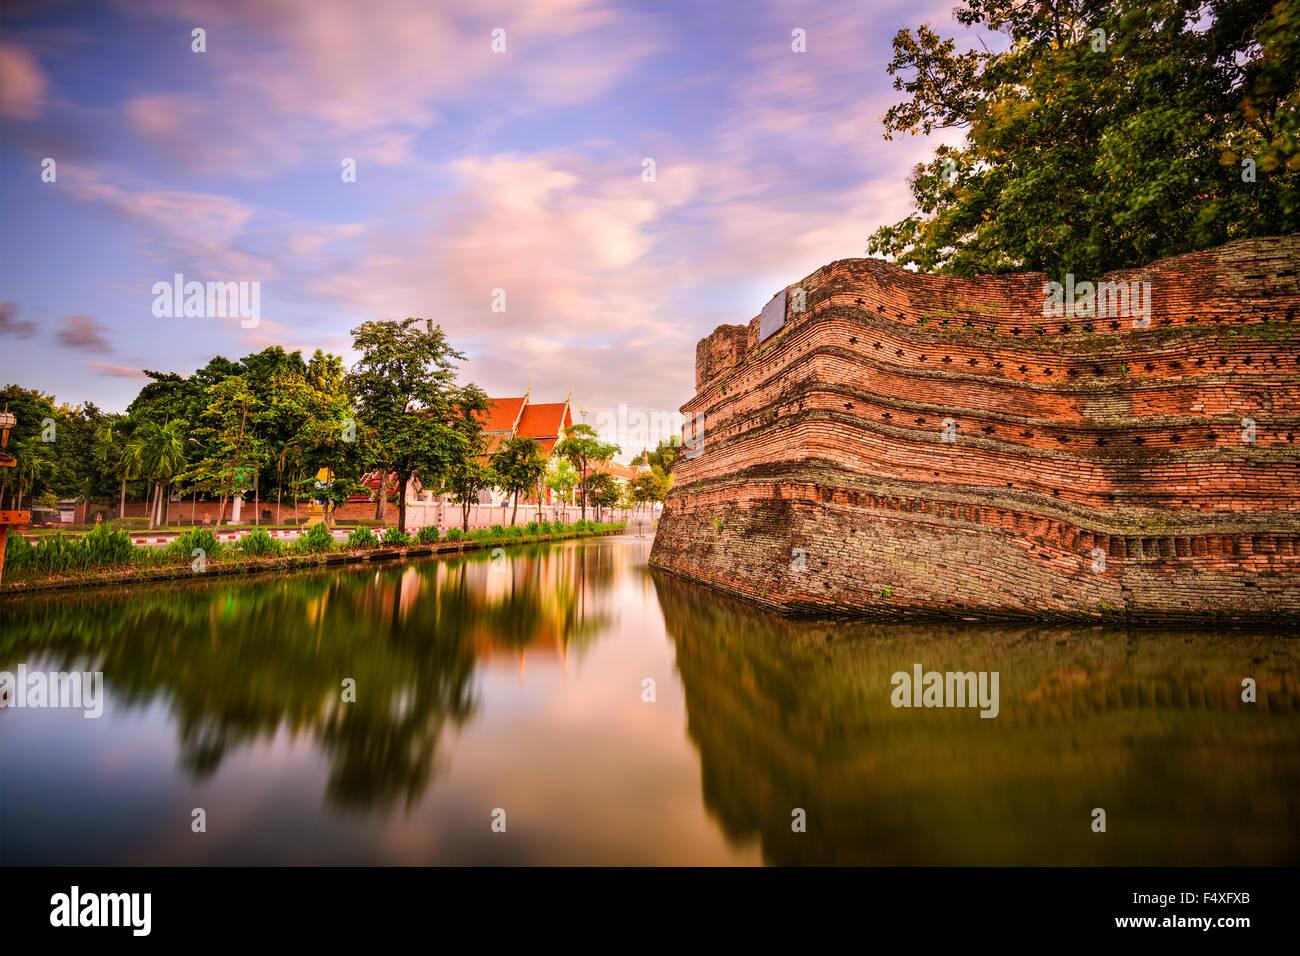 Chiang Mai, Thailandia vecchia città antiche mura e il fossato. Immagini Stock